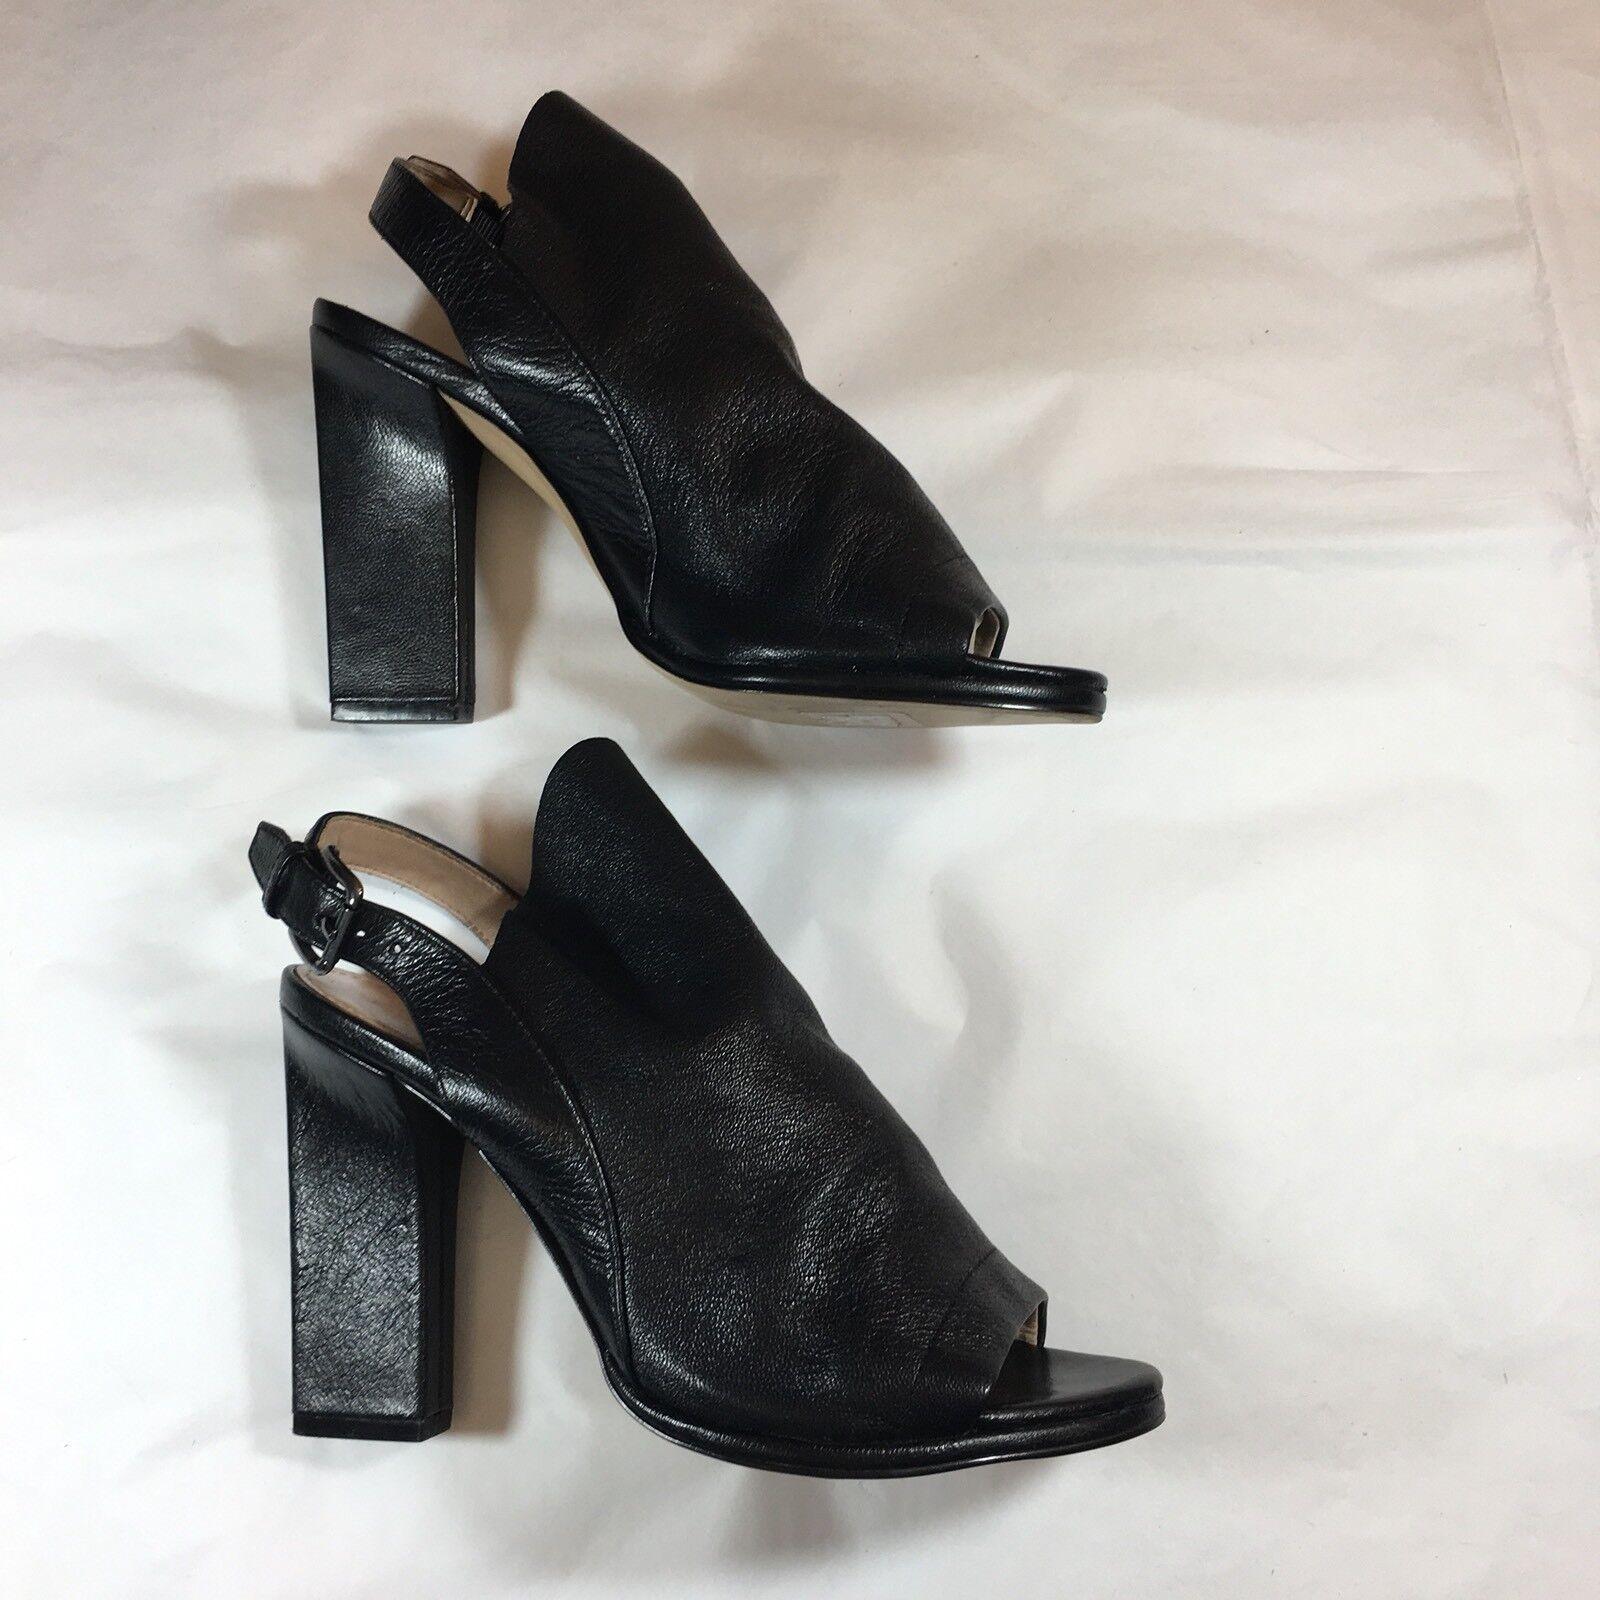 FRENCH CONNECTION booties heels schwarz soft Leder open heel toe UK 4 37